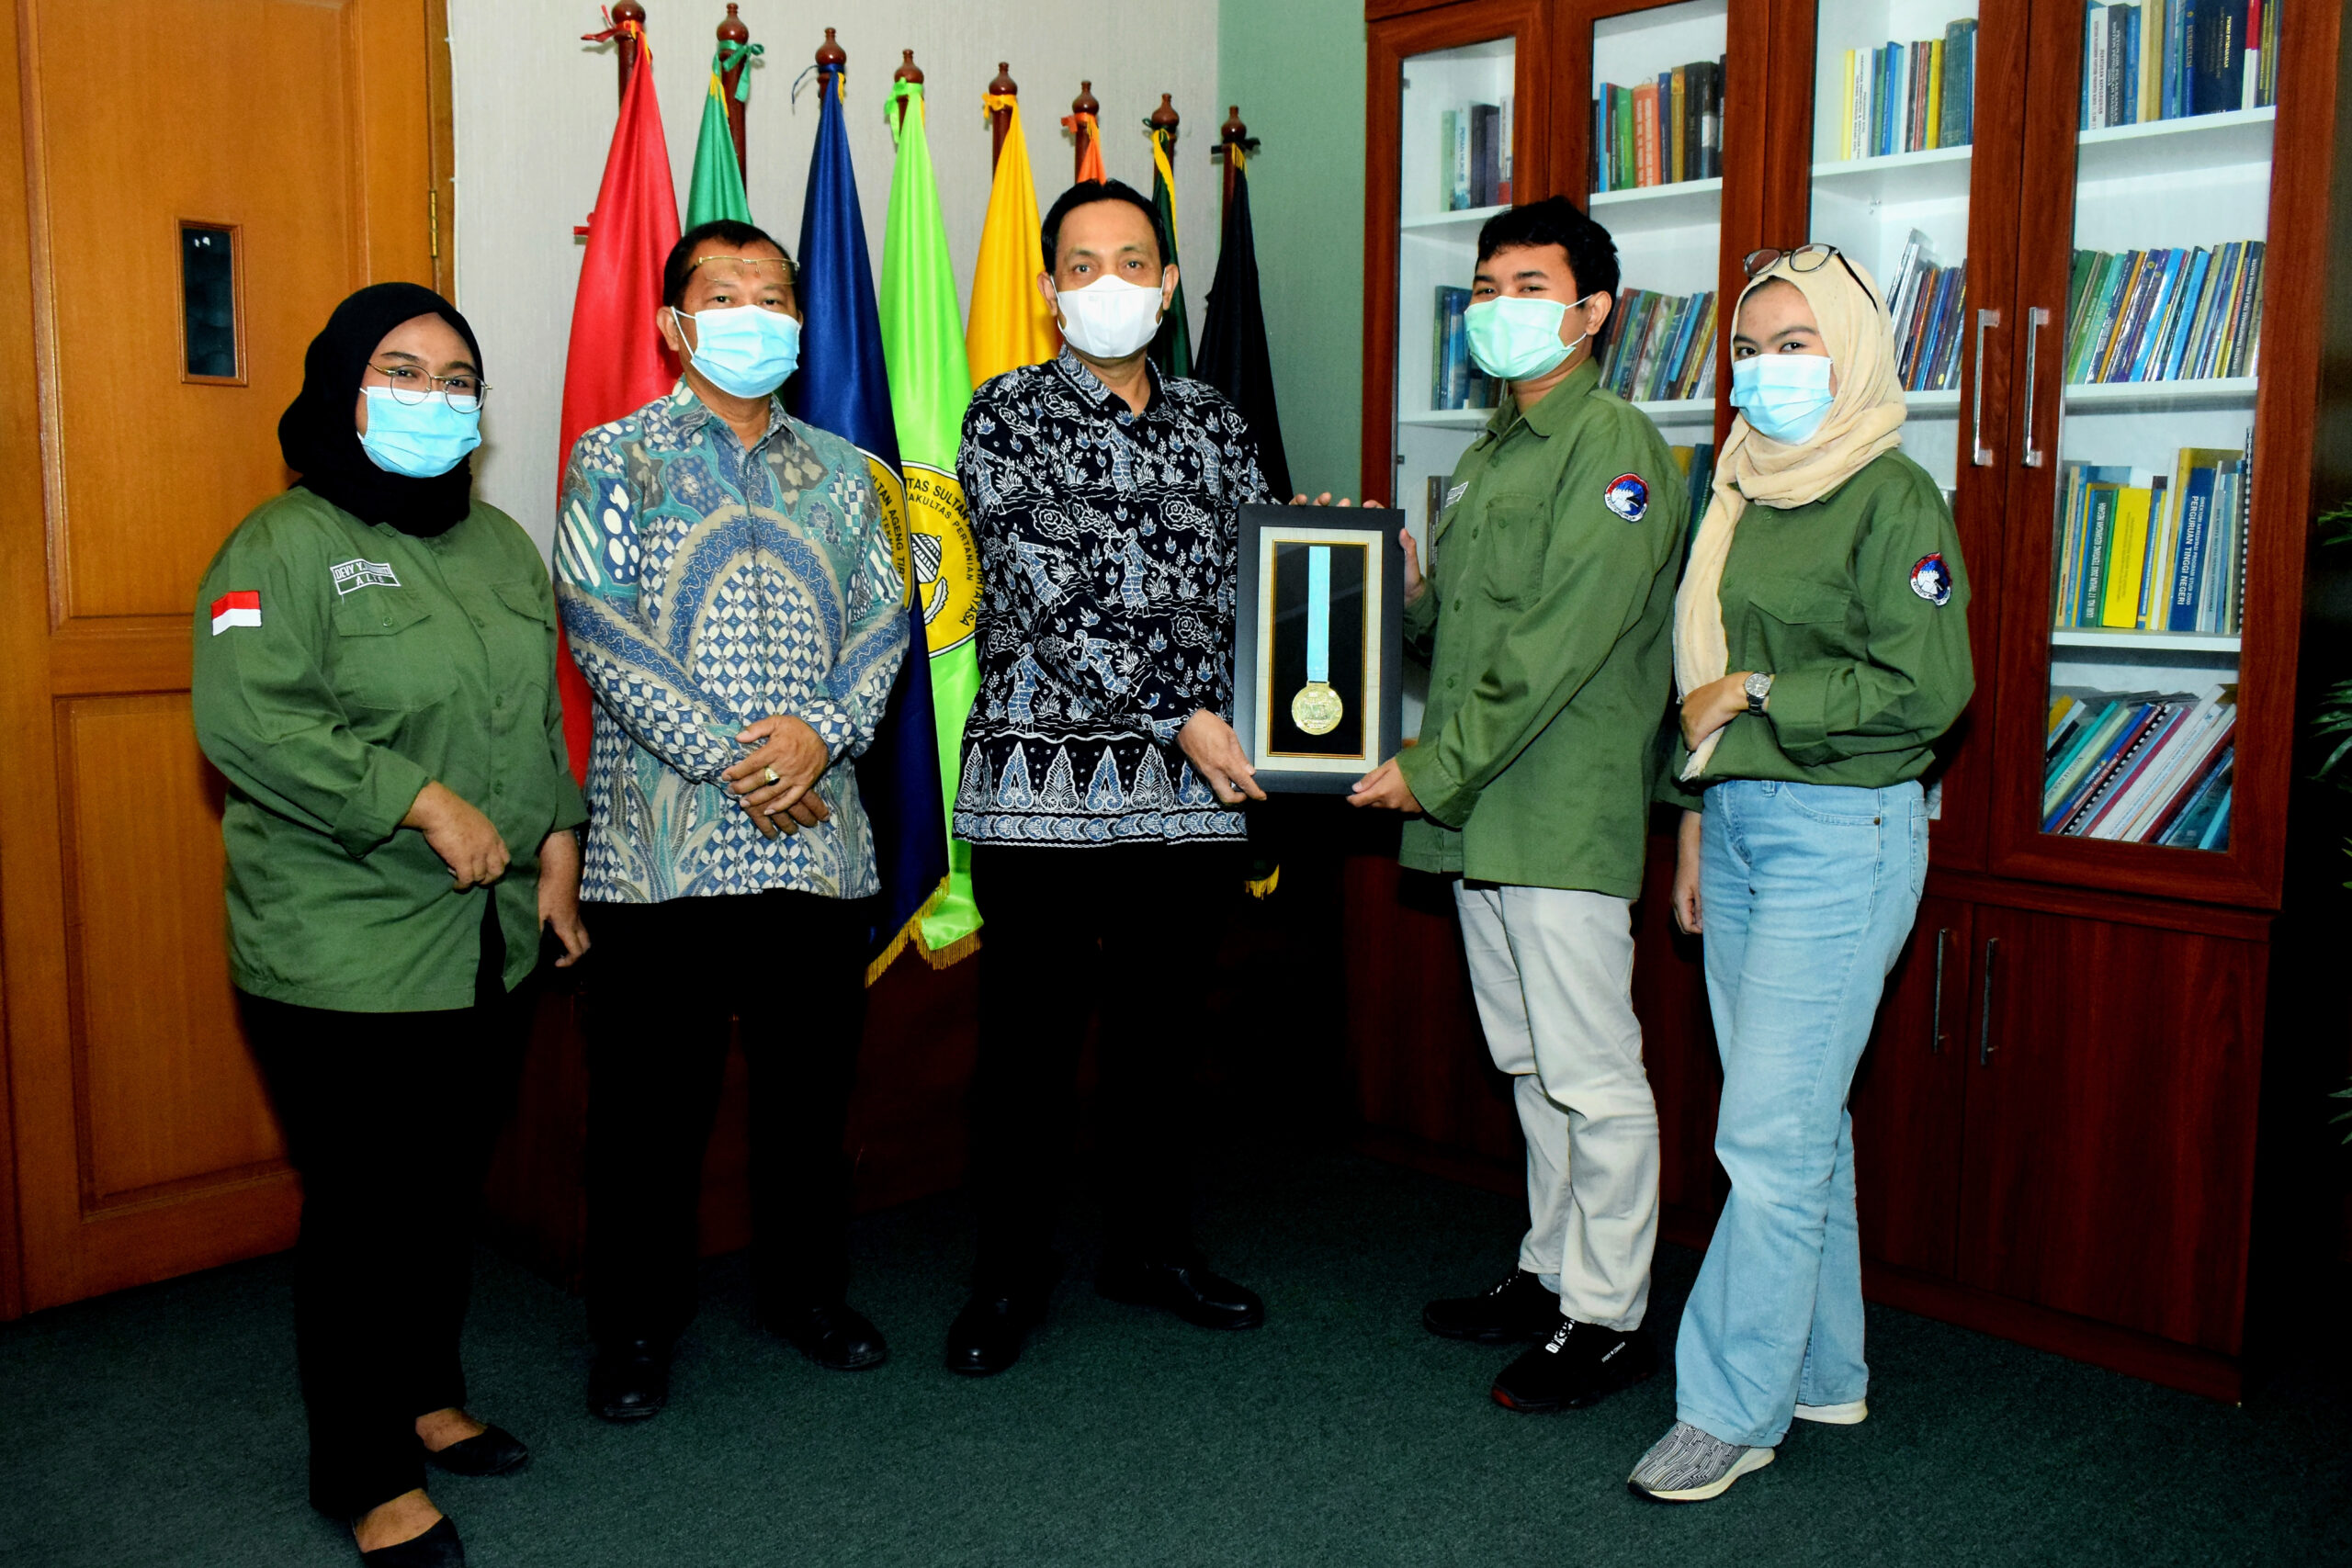 Penyerahan Medali Emas PSM Gita Tirtayasa kepada Rektor Untirta untuk Untirta